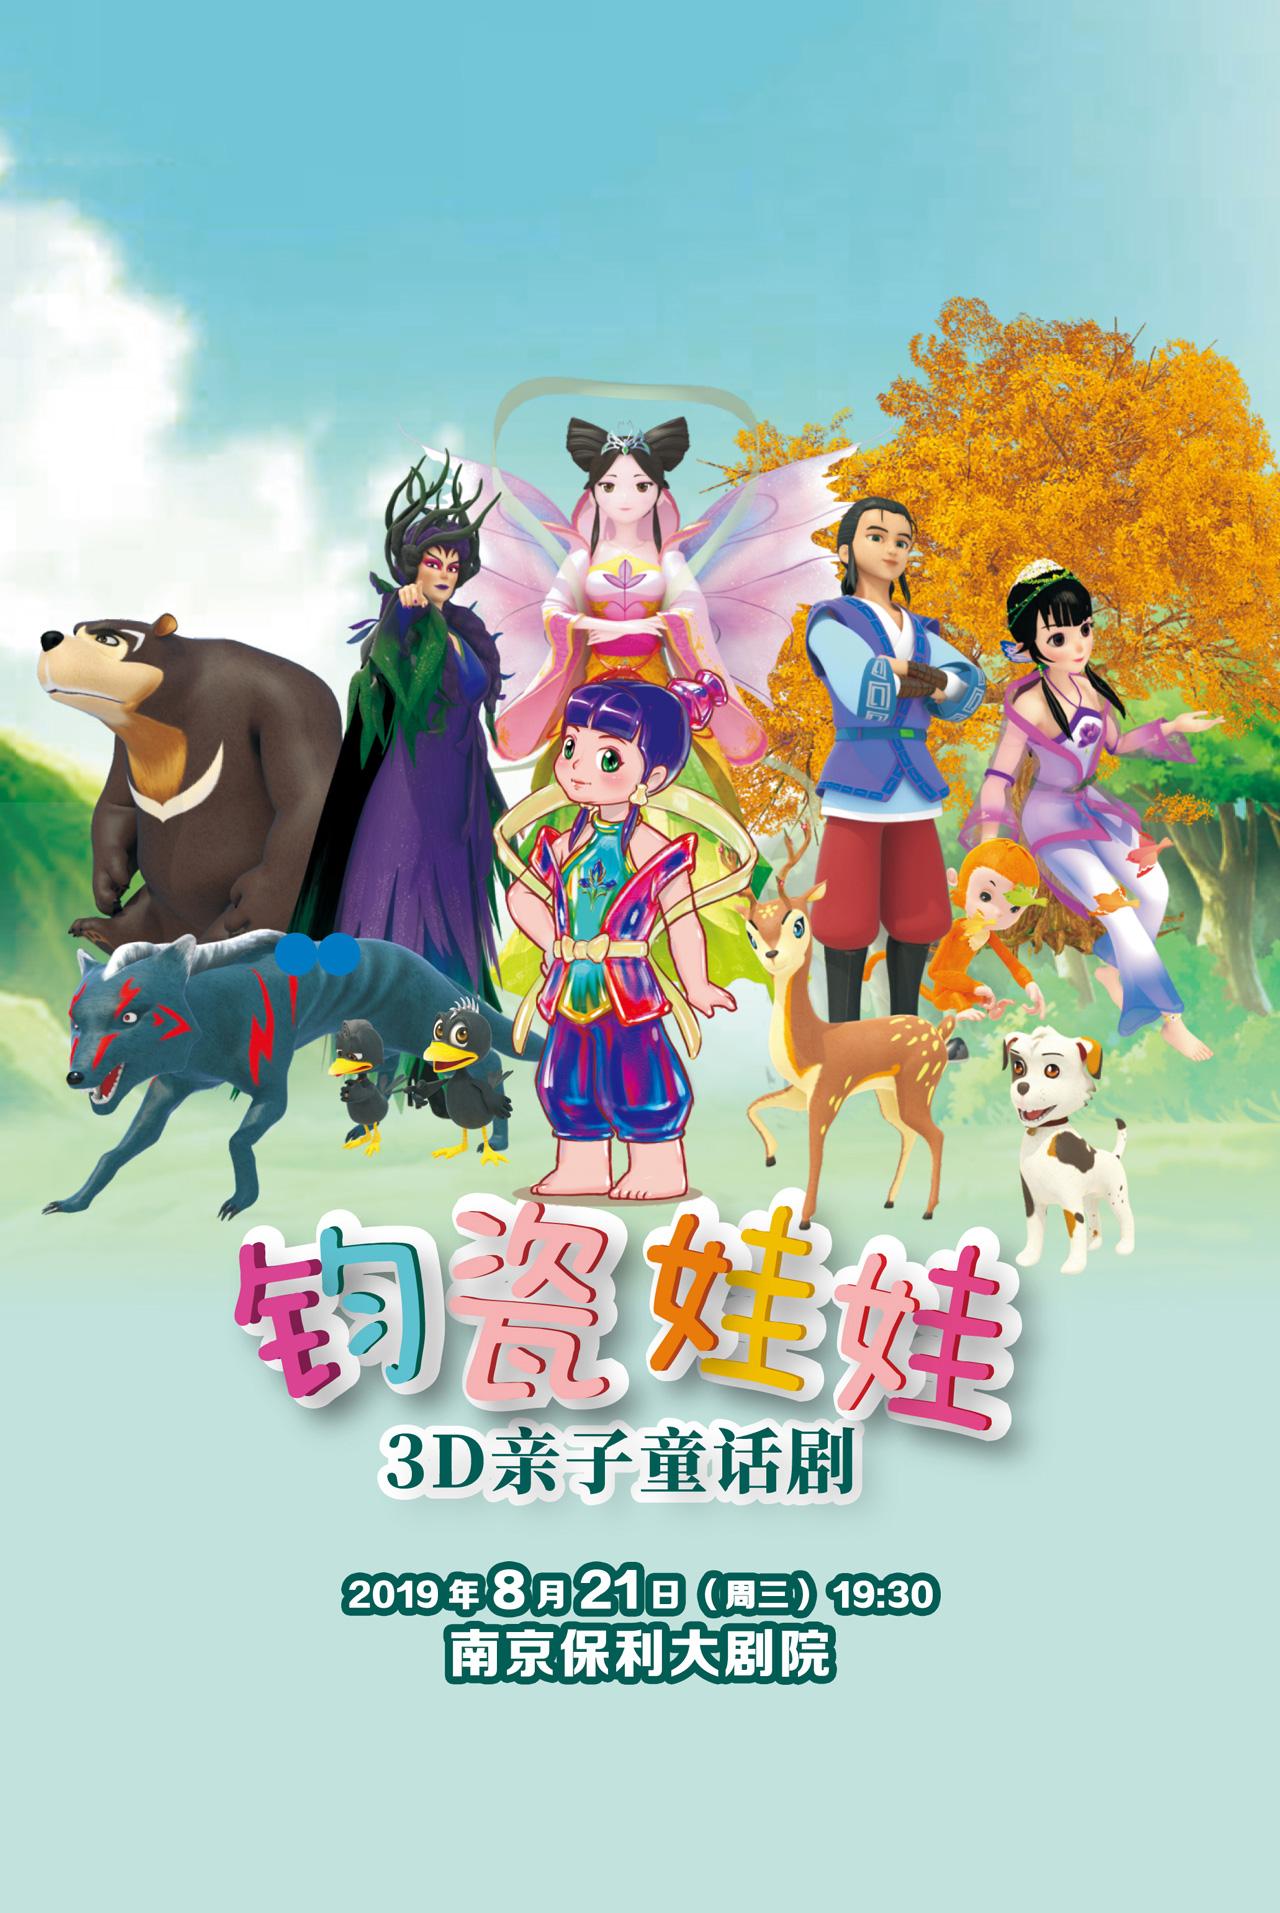 3D亲子童话剧《钧瓷娃娃》南京站